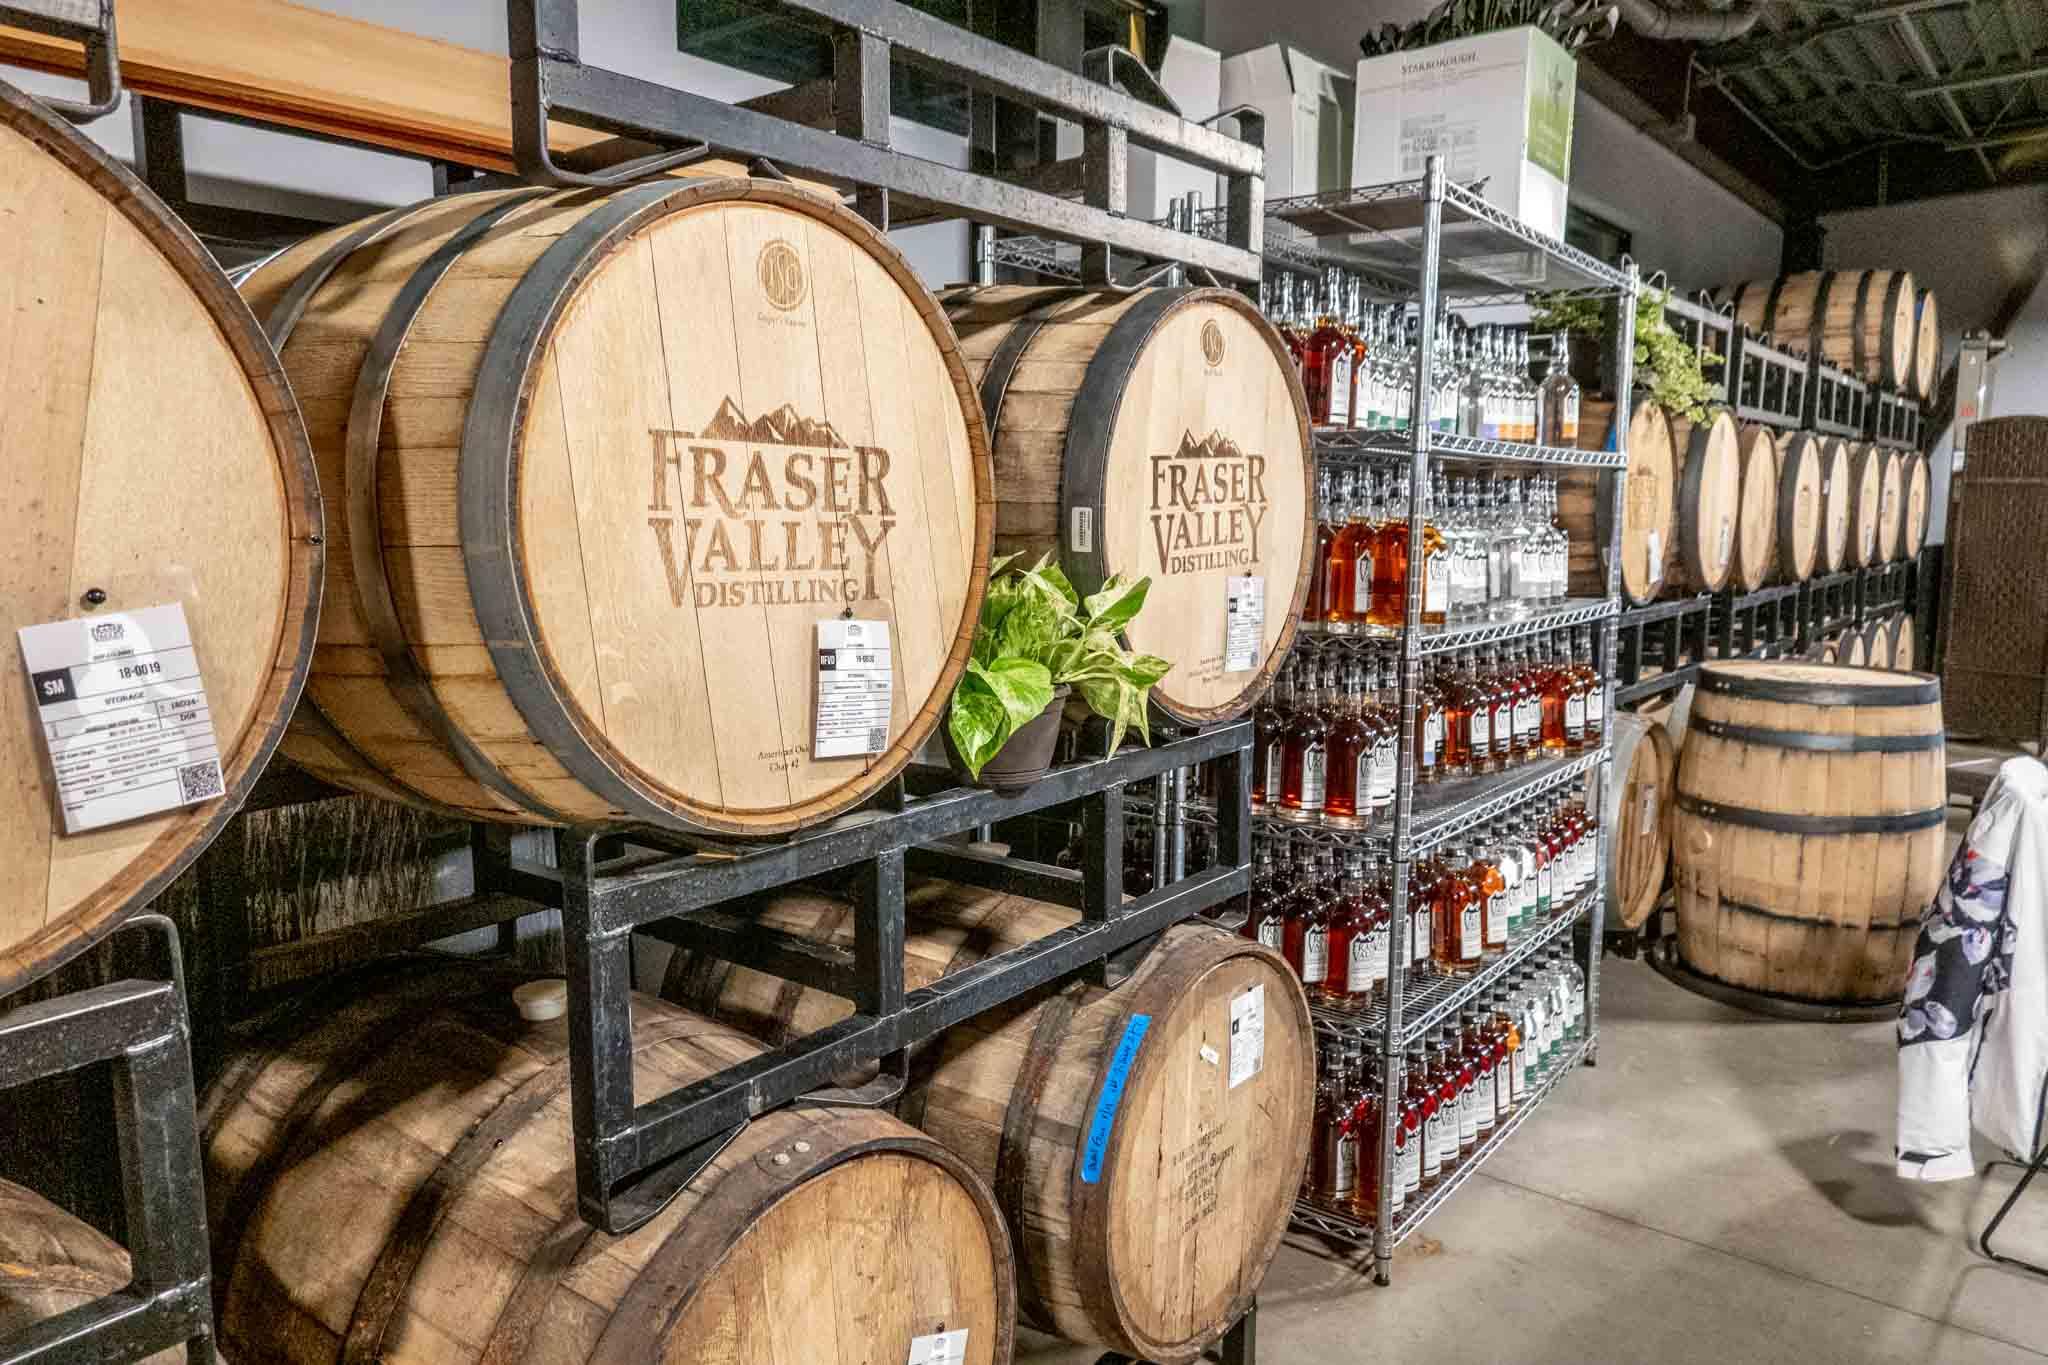 Barrels at Fraser Valley Distilling in Colorado